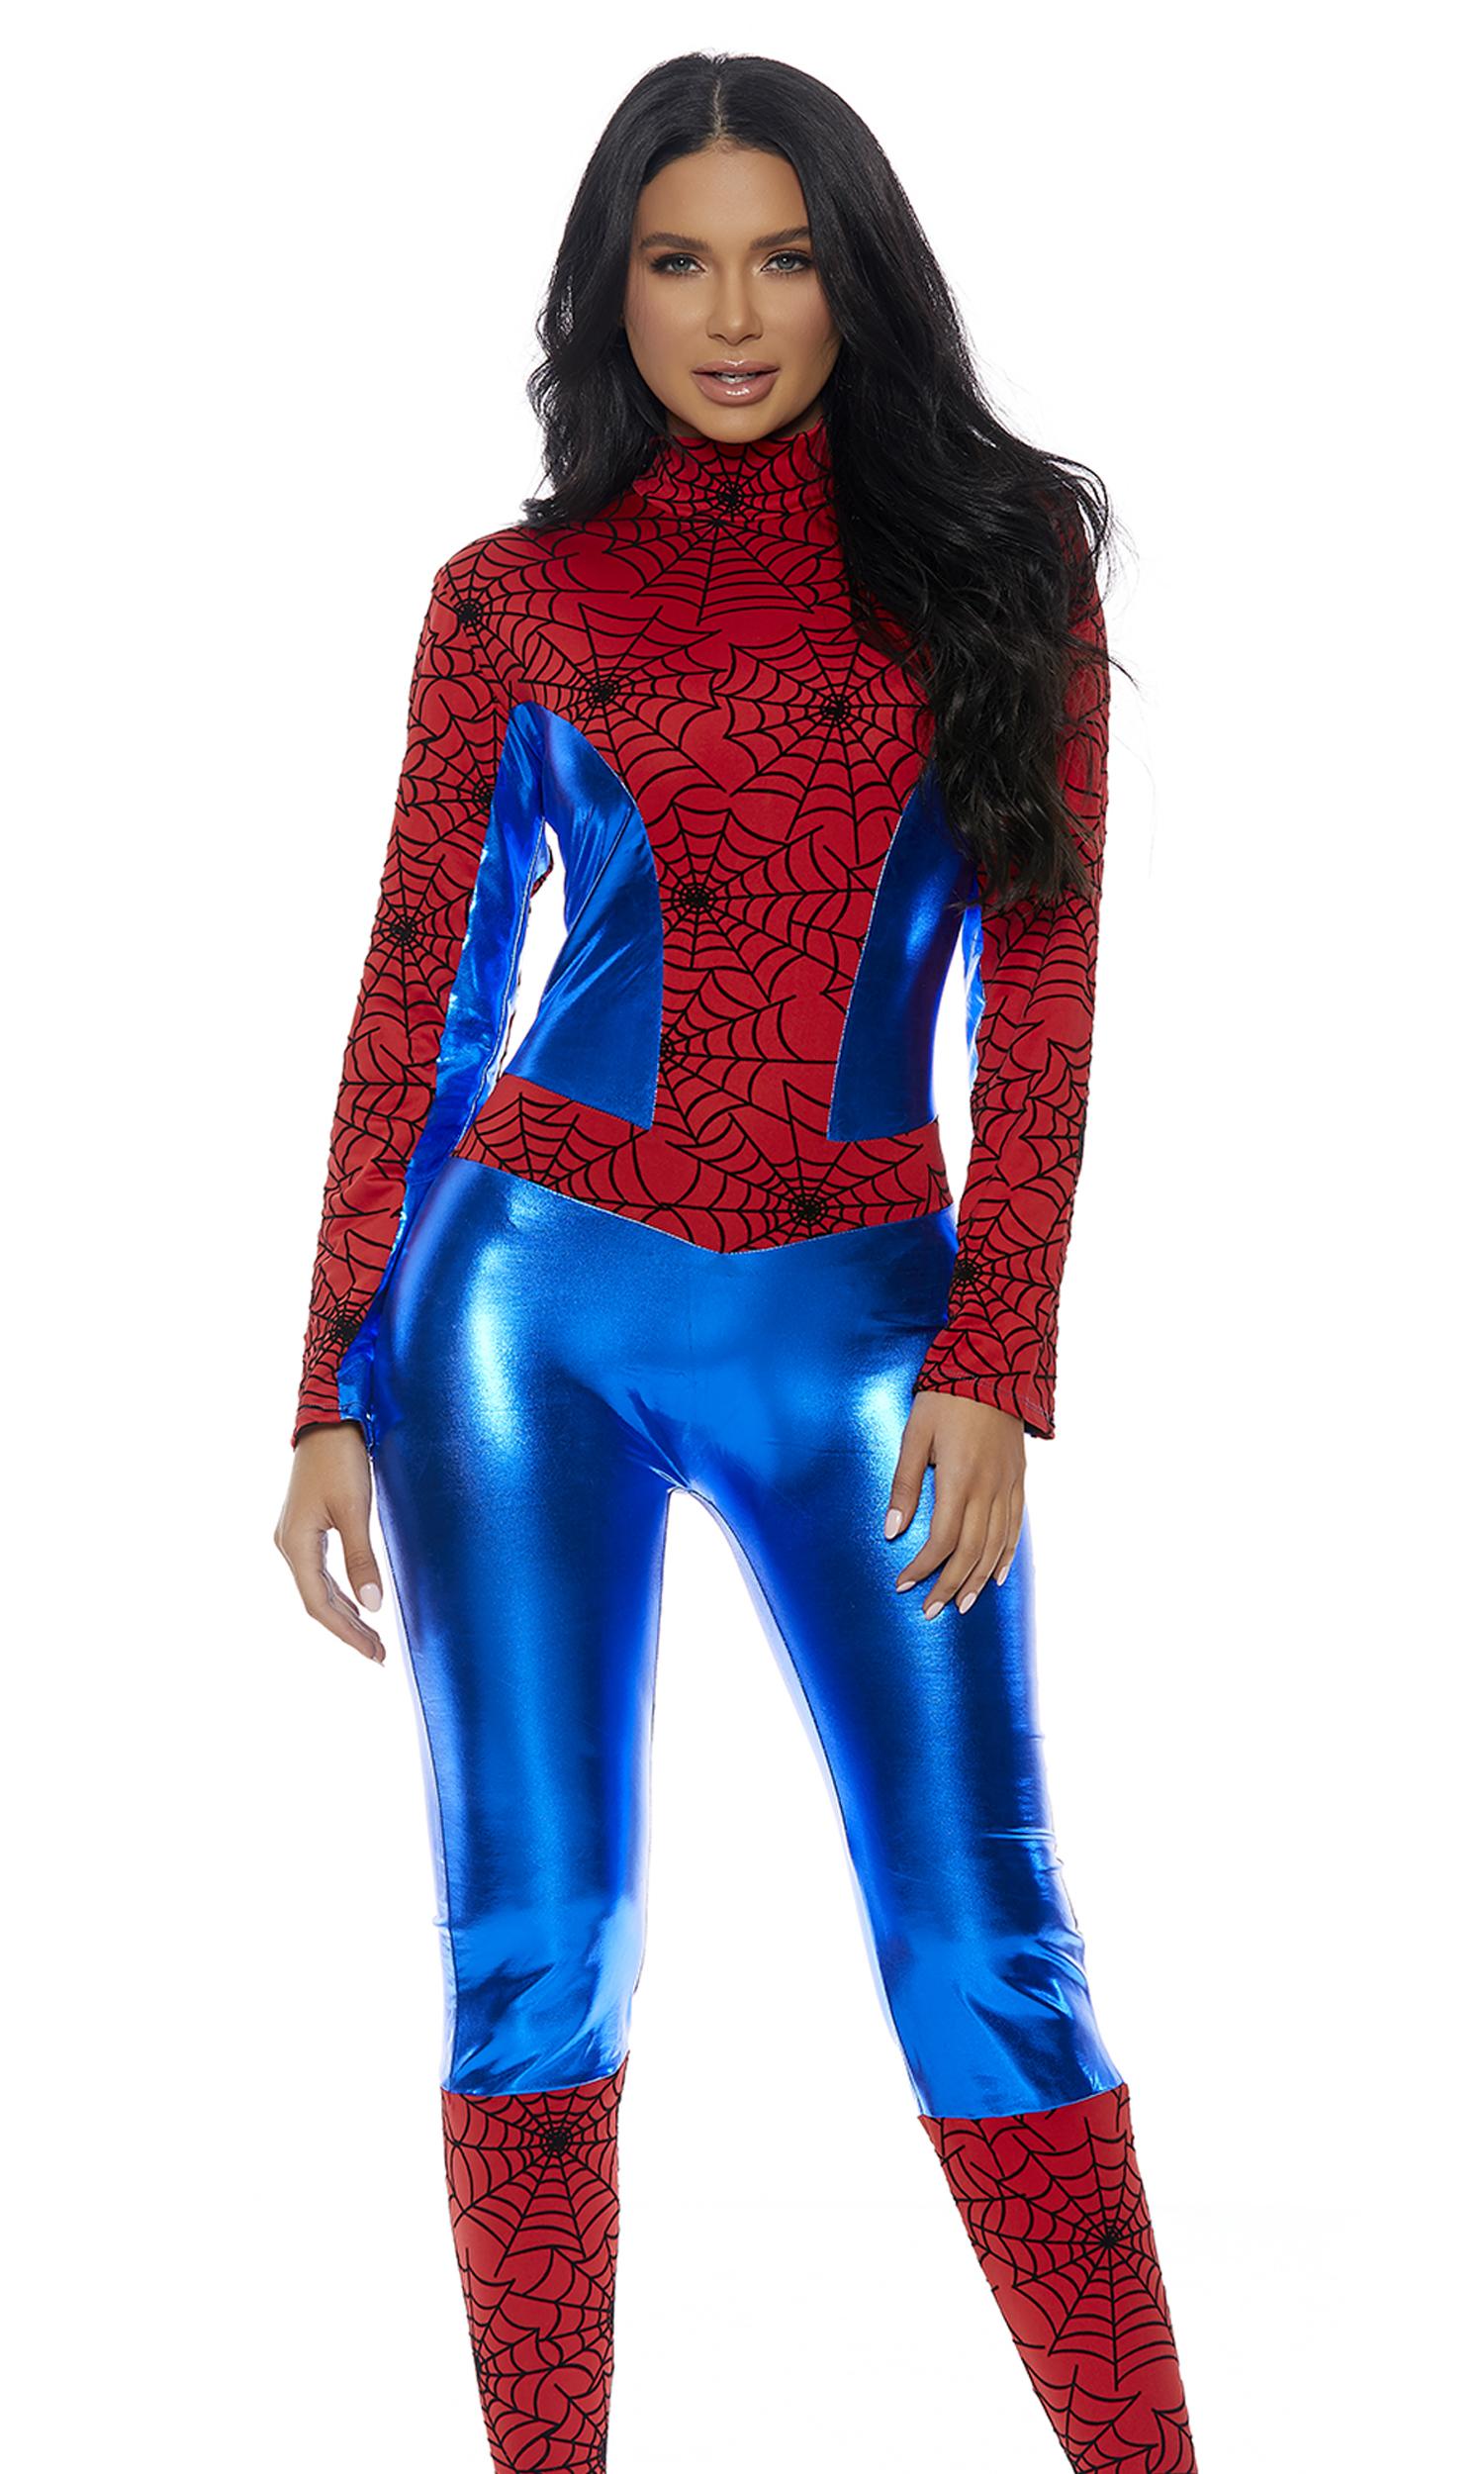 769db0a63592e Sexy Superhero Costumes - Women's Superhero Costumes - Sexy Supervillain  Costumes